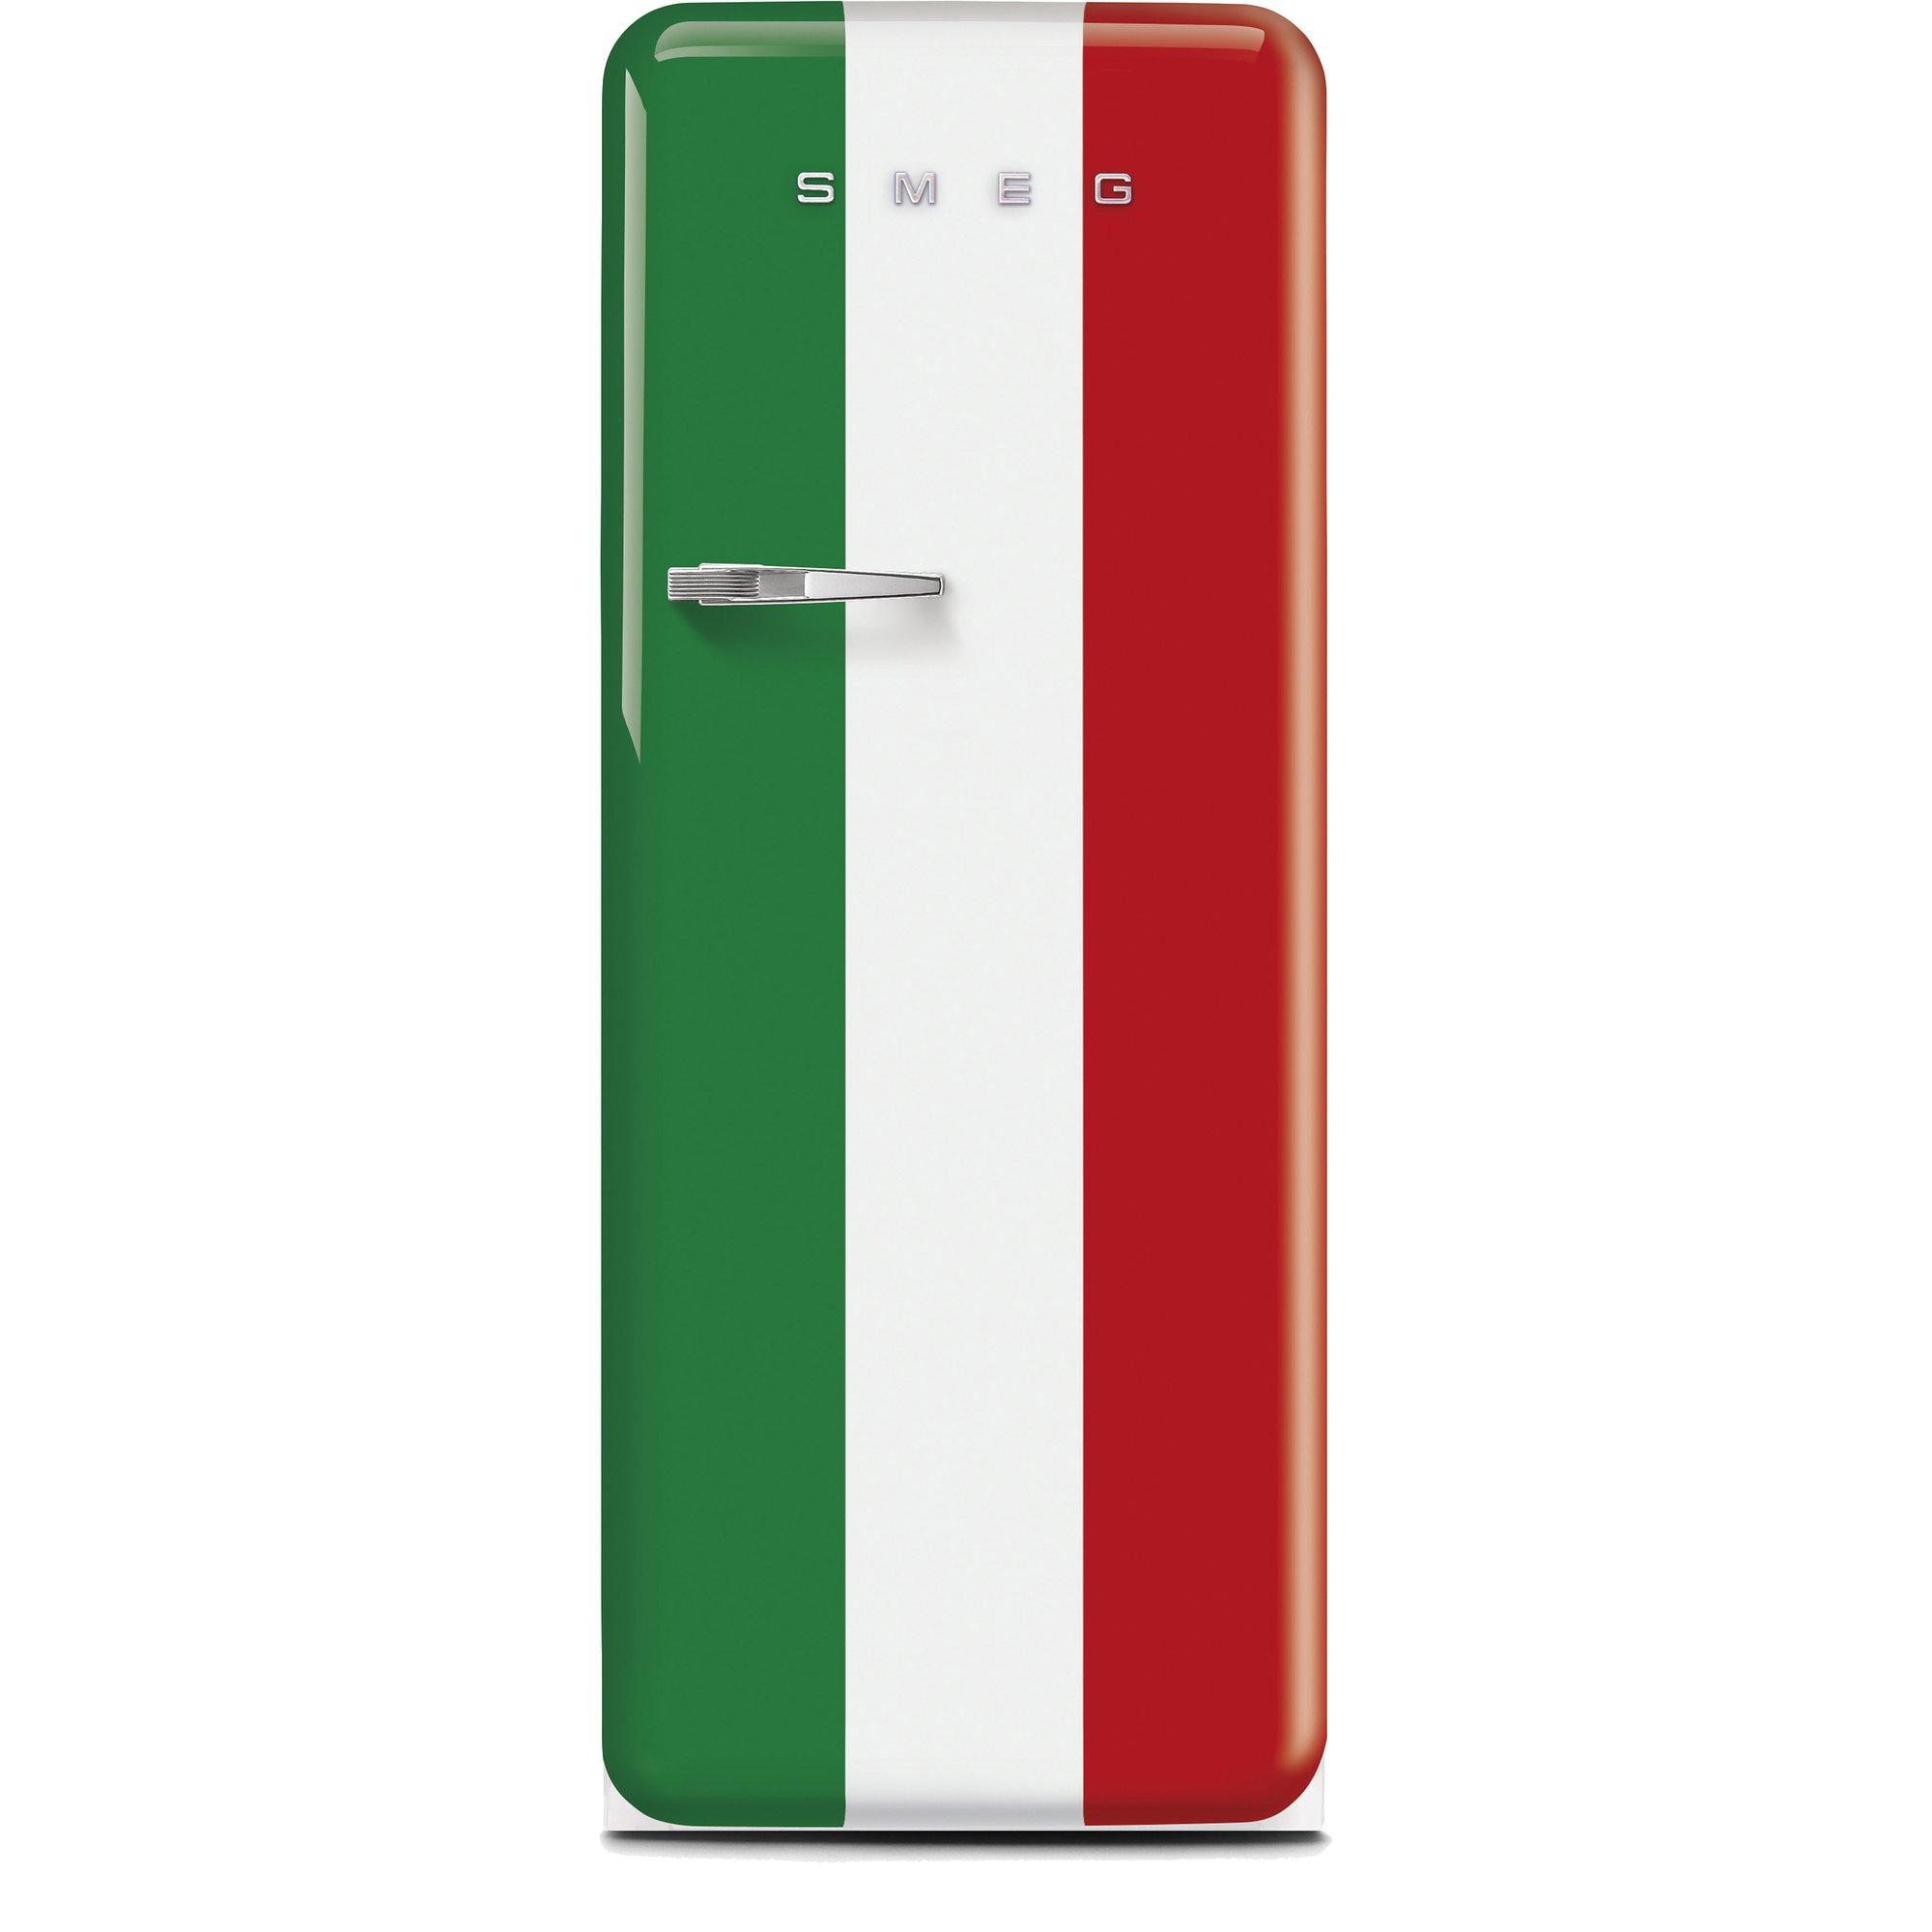 Smeg Kylskåp i 50-tals Retrostil Högerhängt Italienska Flaggan